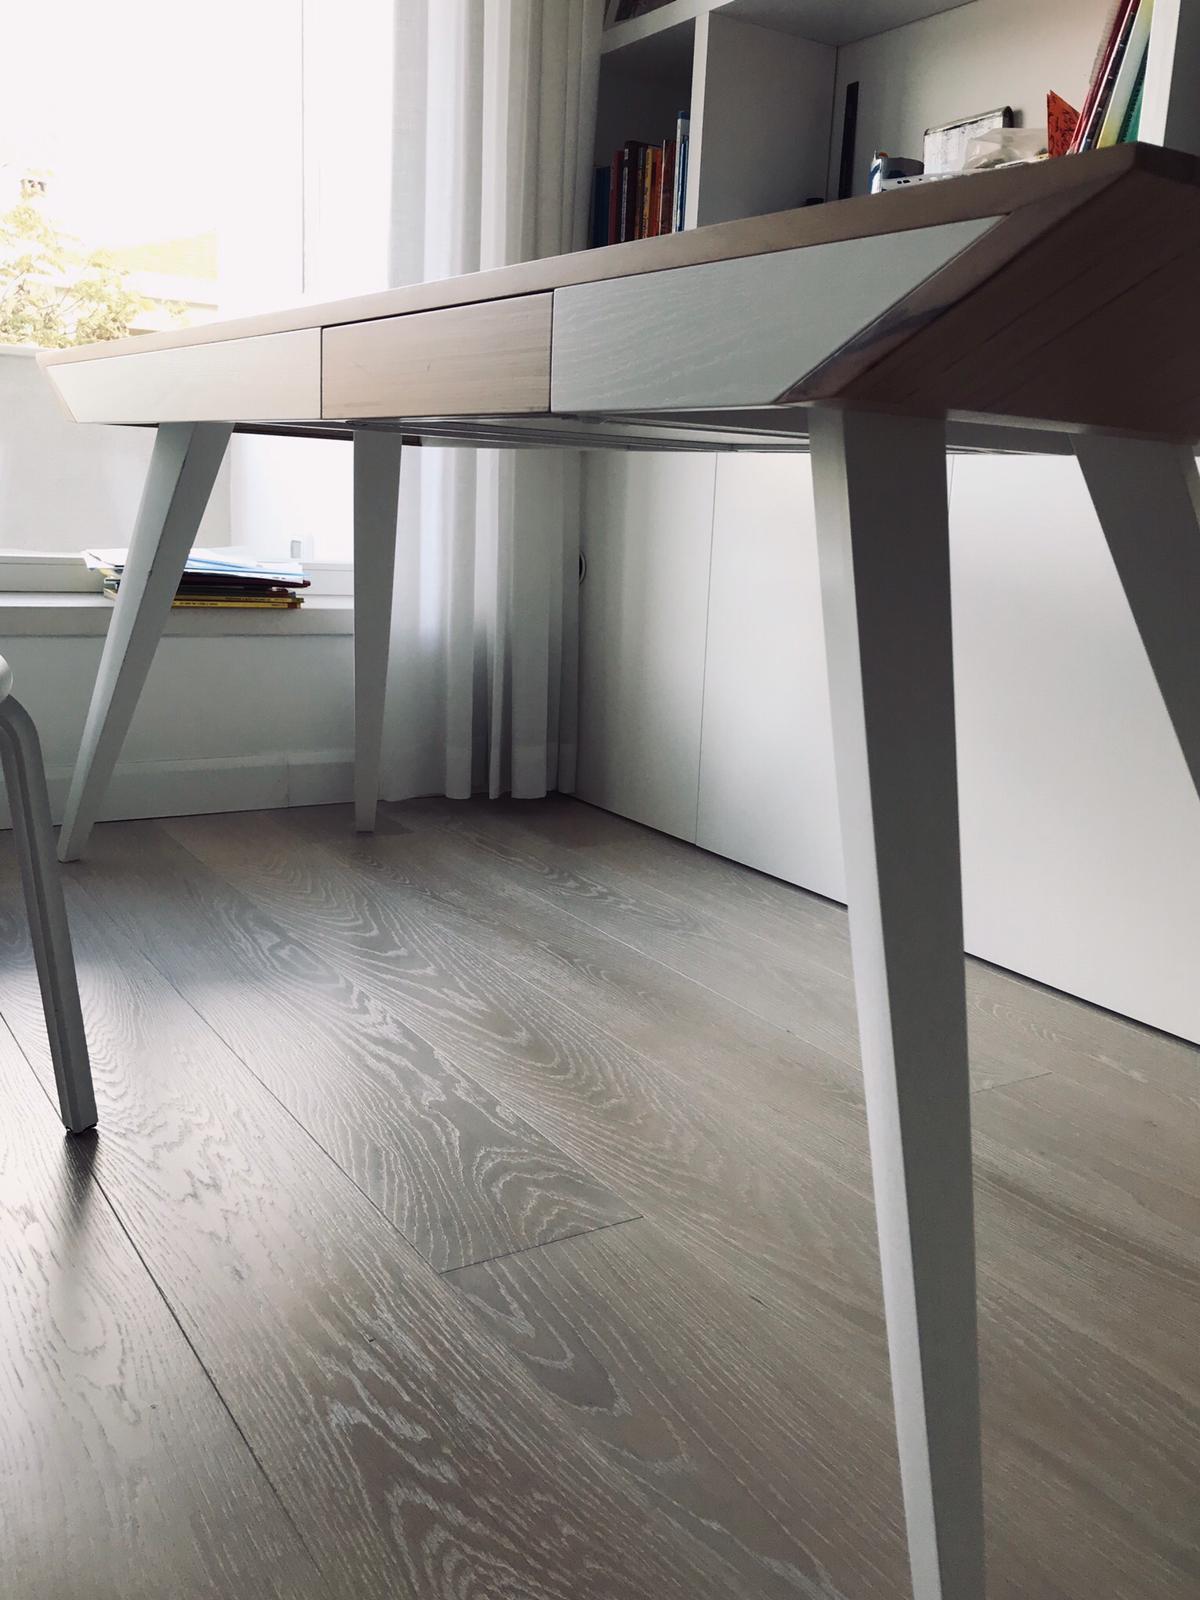 Scrivania in legno massello laccato bianco, piano in legno BauBuche (designer: Roberto Virdis)